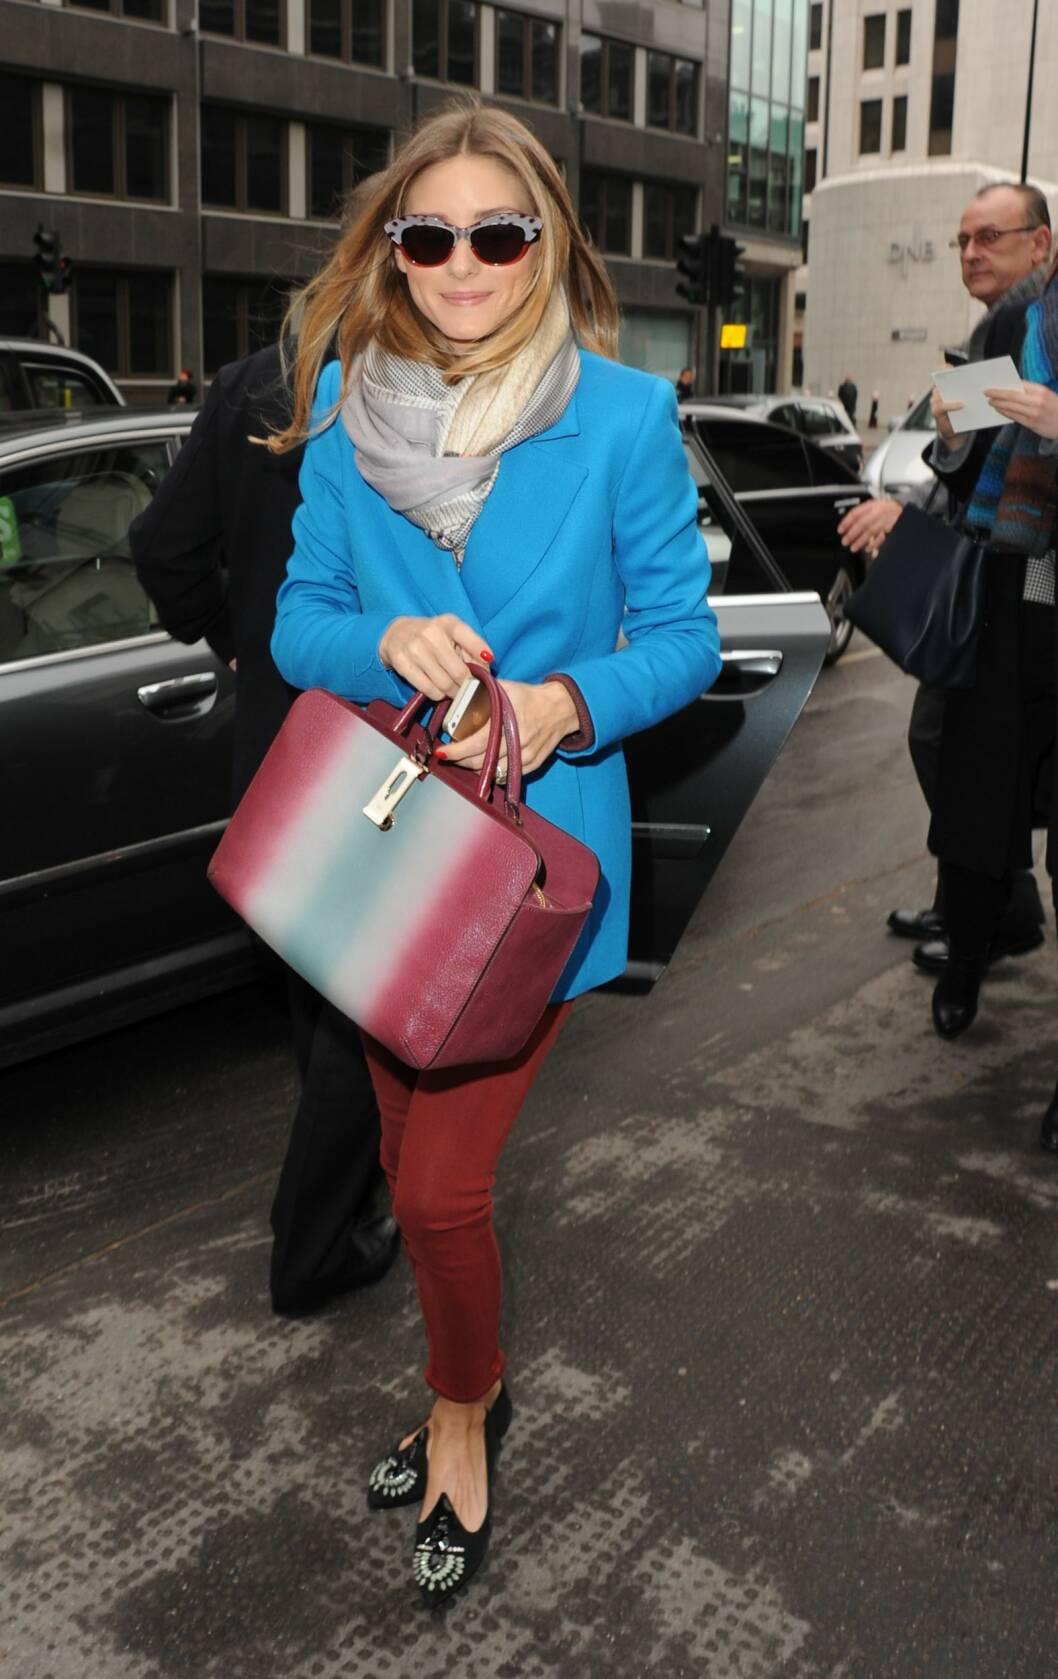 AVSLAPPET STIL: Olivia Palermo elsker å tulle seg inn i store gode skjerf. Foto: John McNamara/ Splash News/ All